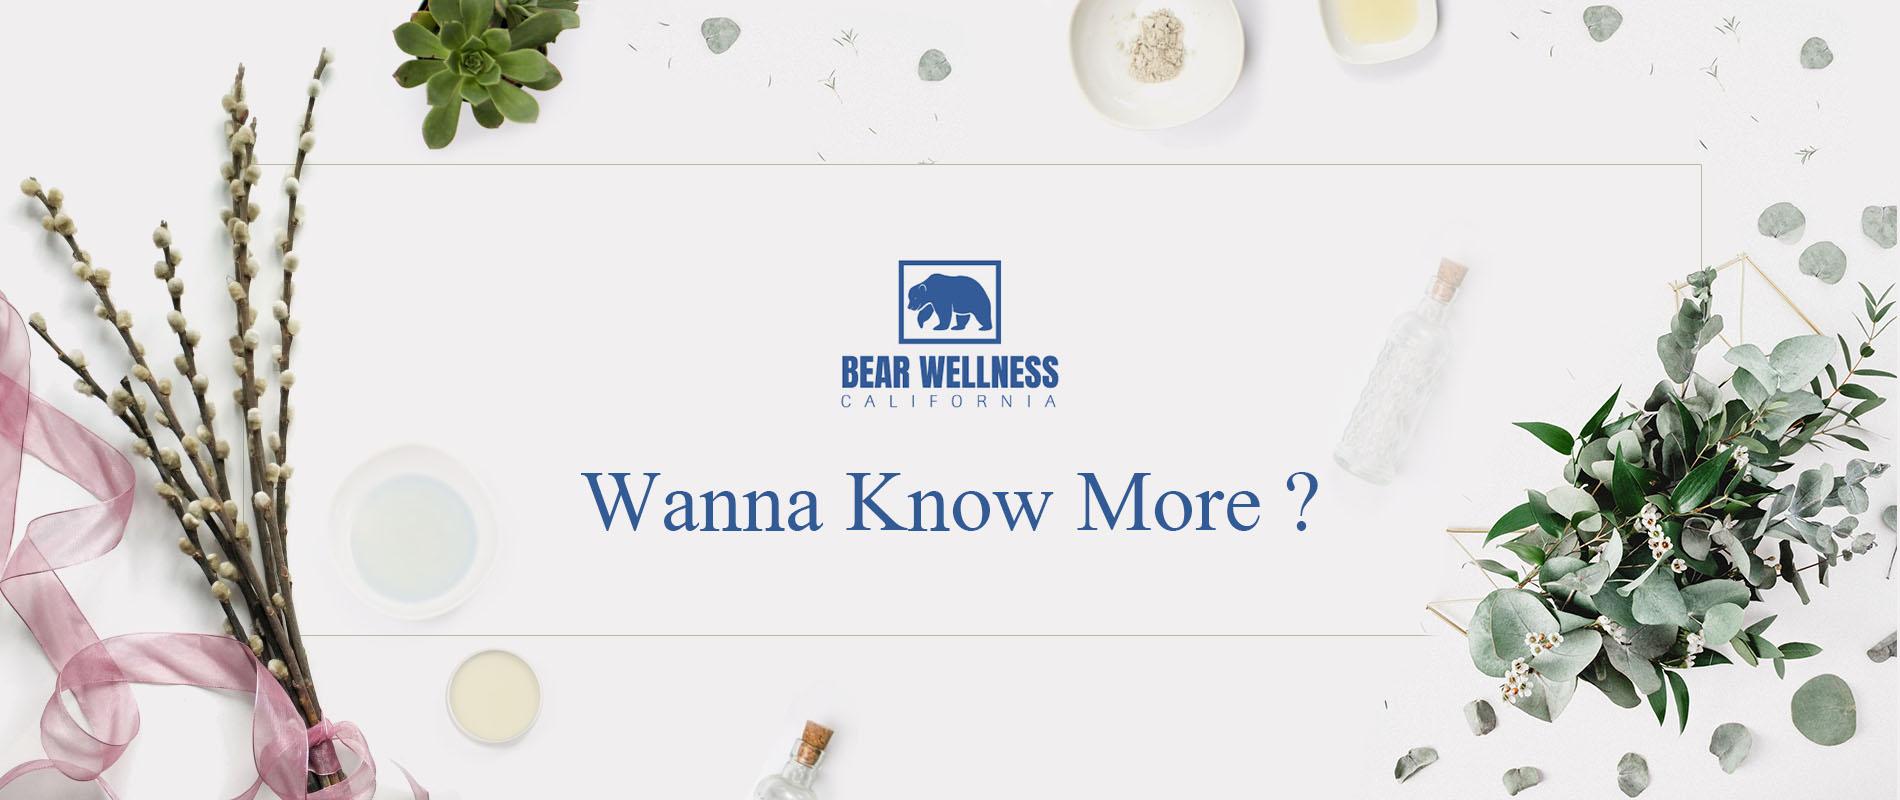 Contact Bear Wellness Banner